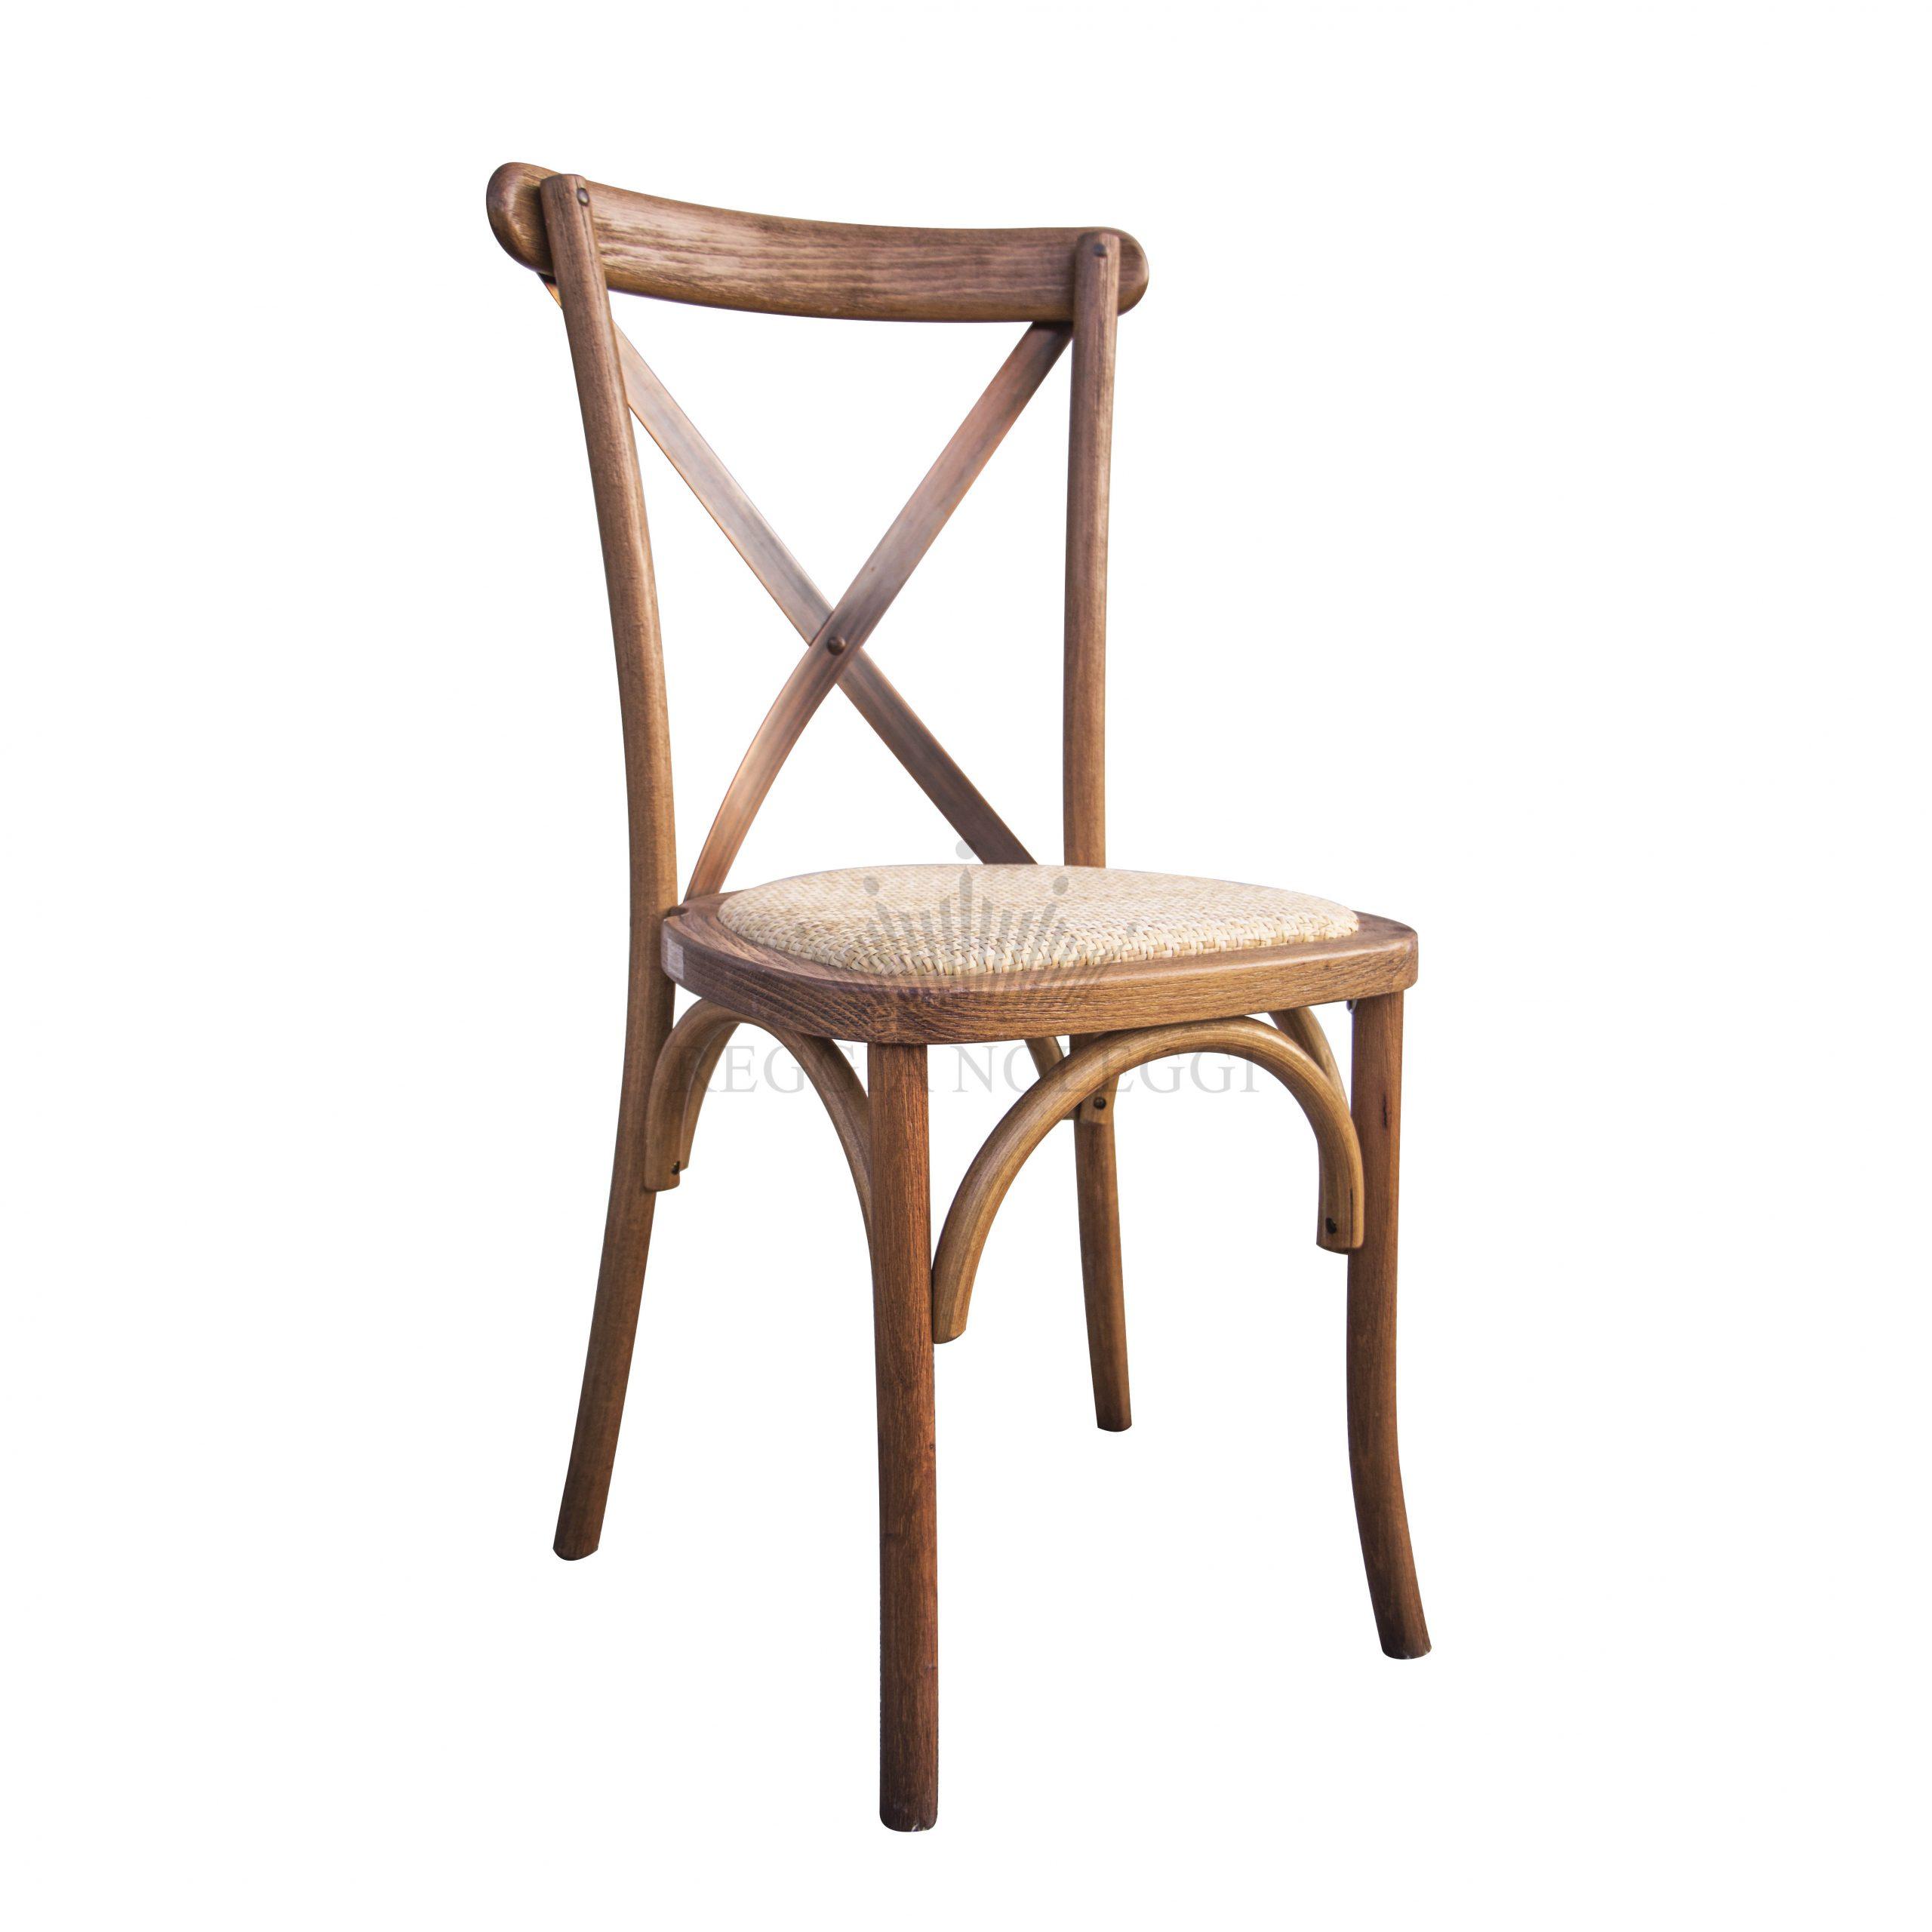 Noleggio tavoli e sedie a Venezia